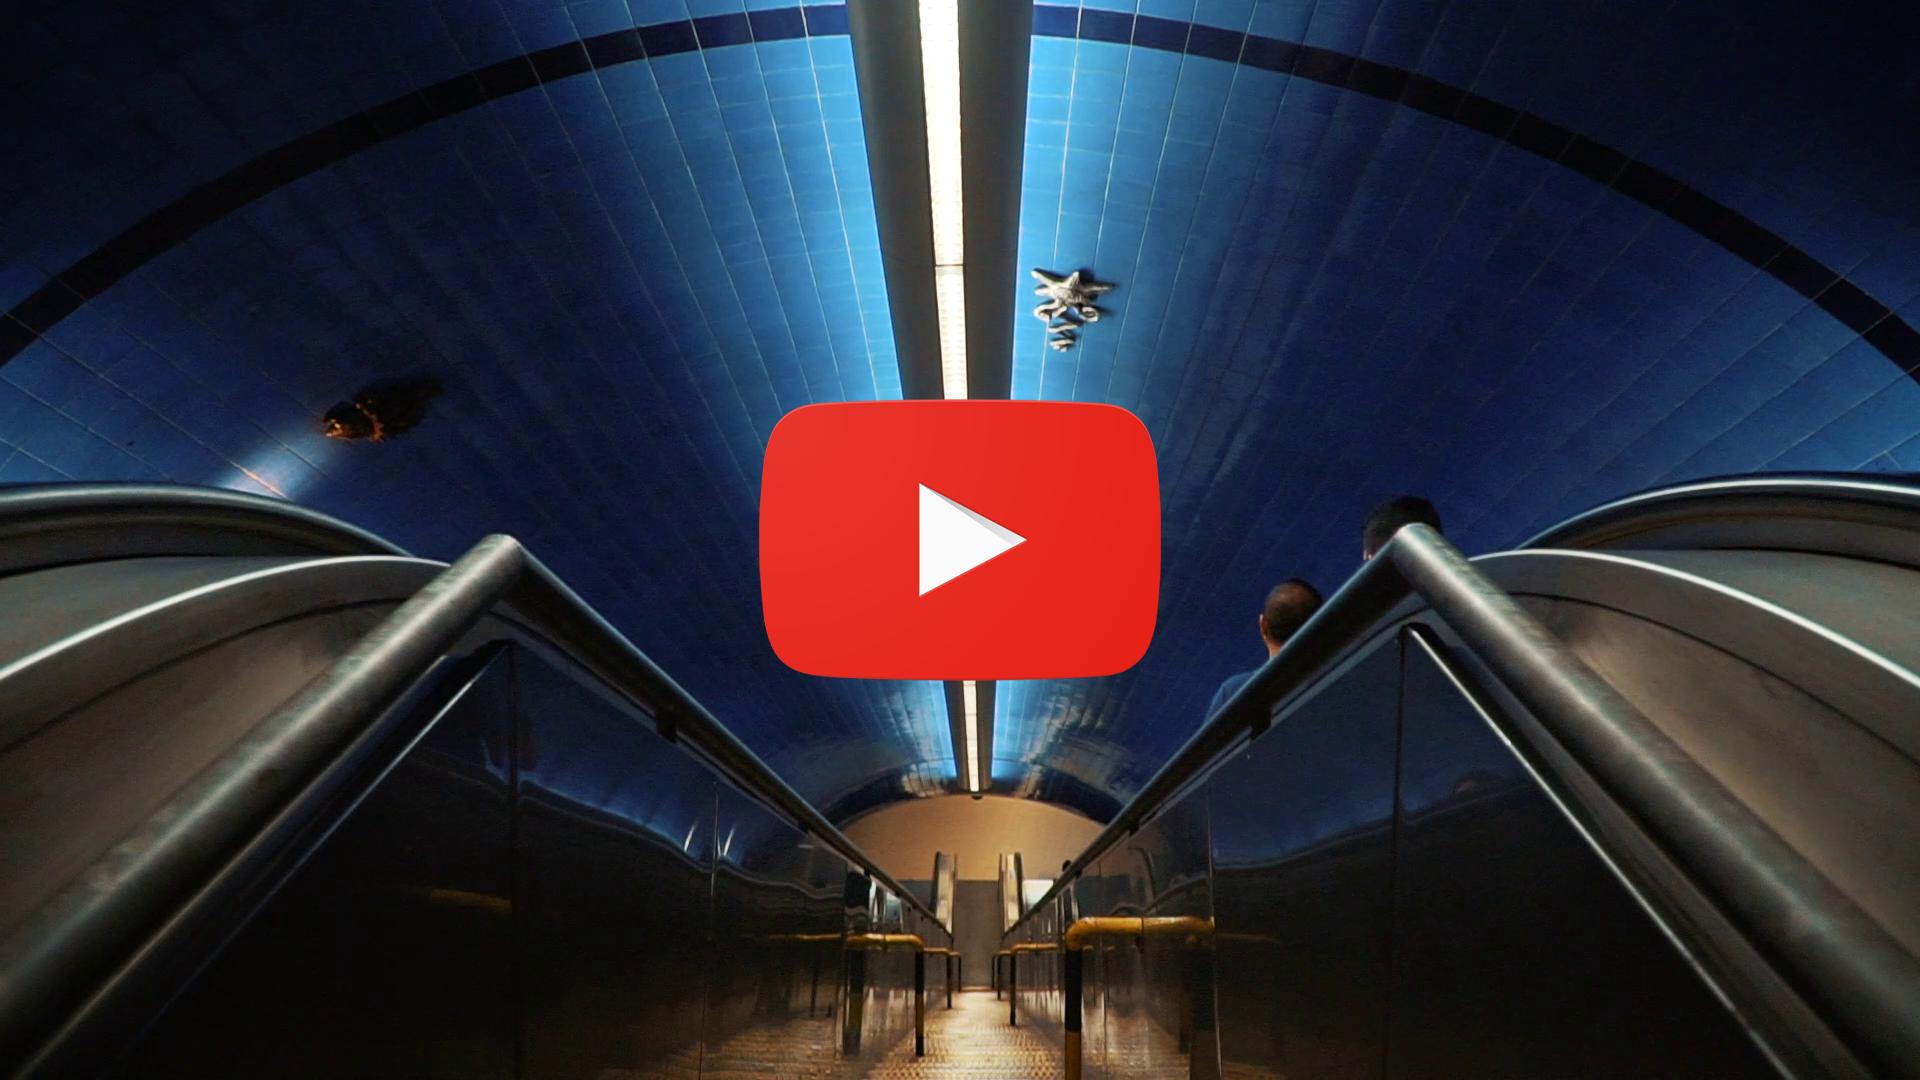 Instalação de Iluminação LED nas Estações de Metro de Lisboa - Lux Concept